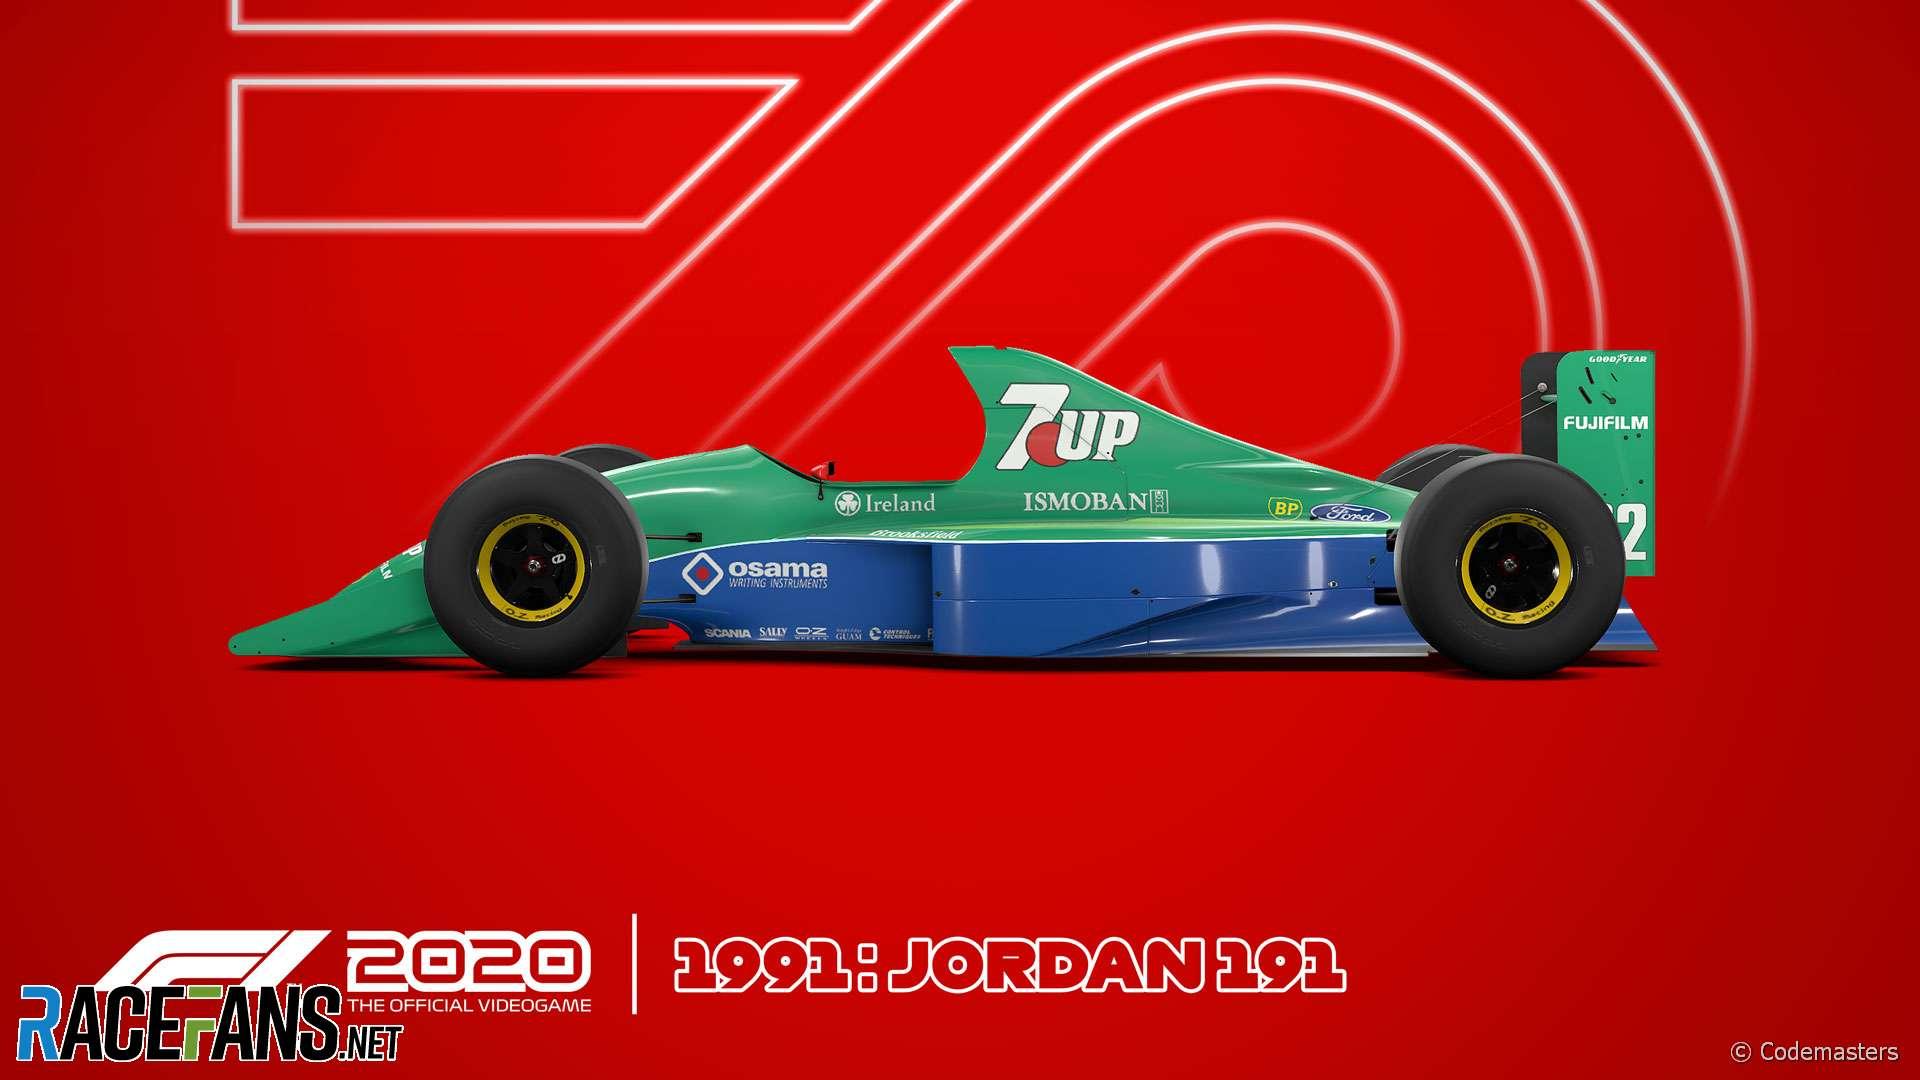 Jordan 191 F1 2020 car model